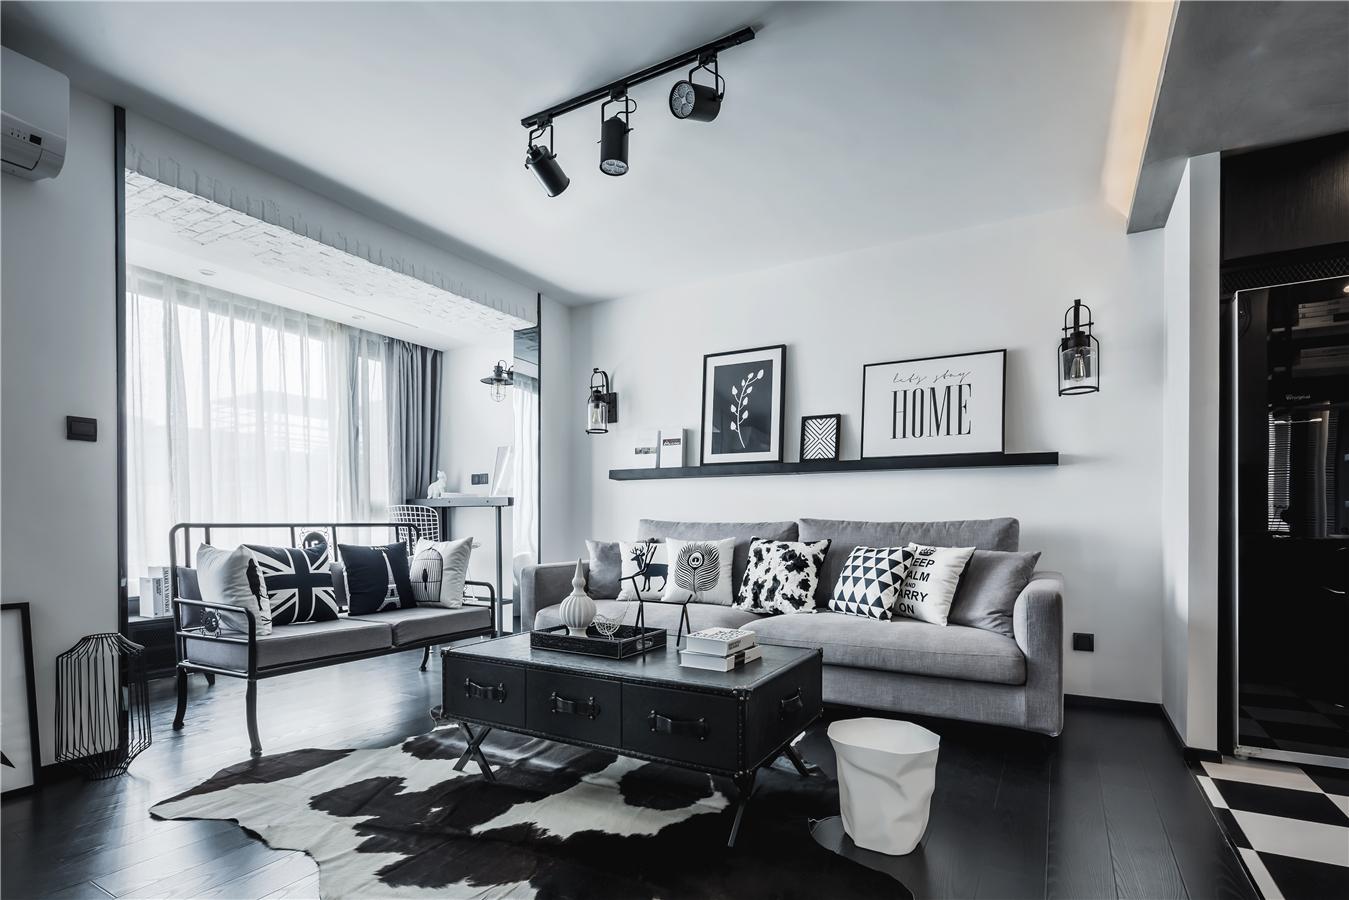 68㎡工业风格沙发背景墙装修效果图